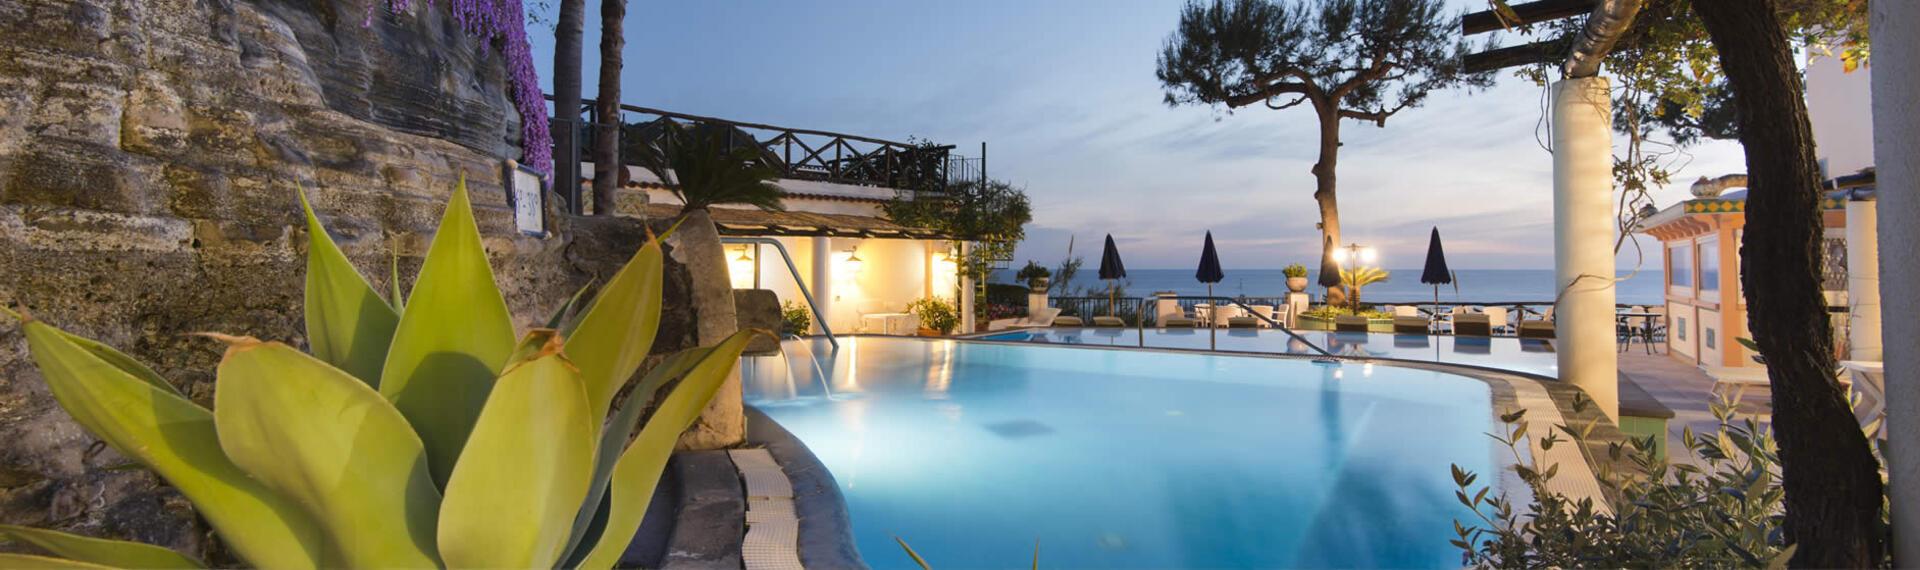 hotelvillabianca en offers 009